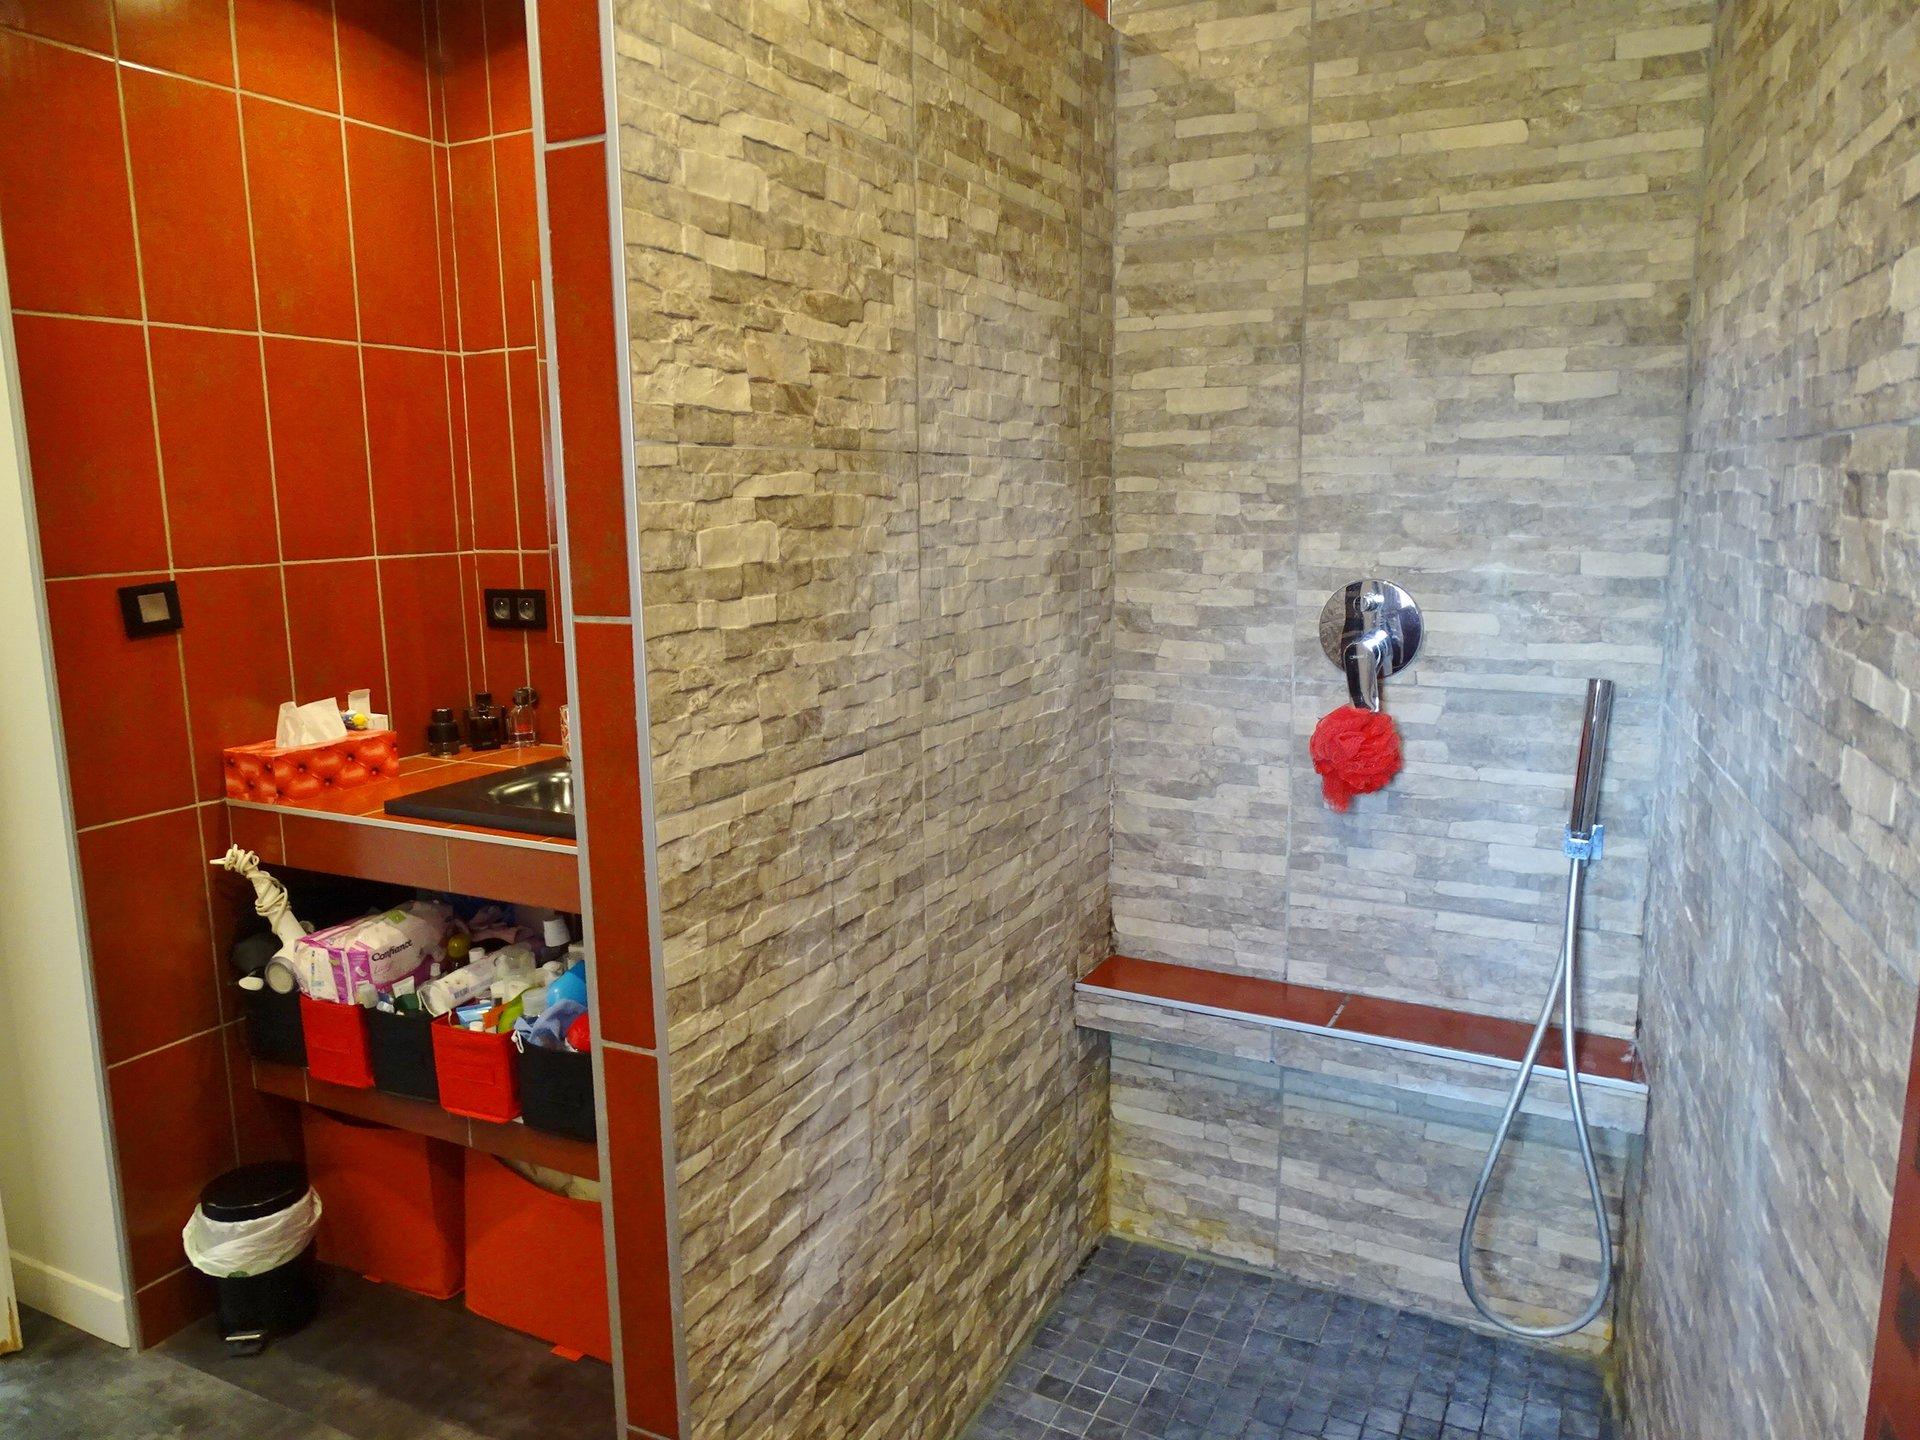 SOUS COMPROMIS DE VENTE. Situé à Azé, cette charmante maison de 75,5 m² offre un séjour avec de beaux murs en pierre et une cuisine équipée récente en très bon état. L'espace nuit offre une chambre avec un beau dressing puis une deuxième chambre, une salle de douche refaite à neuf ainsi que des toilettes indépendants. Un garage motorisé et une cave de 12 m² complètent ce bien. Chauffage au gaz. Double vitrage. Bien soumis au régime de la copropriété mais sans aucune charge.